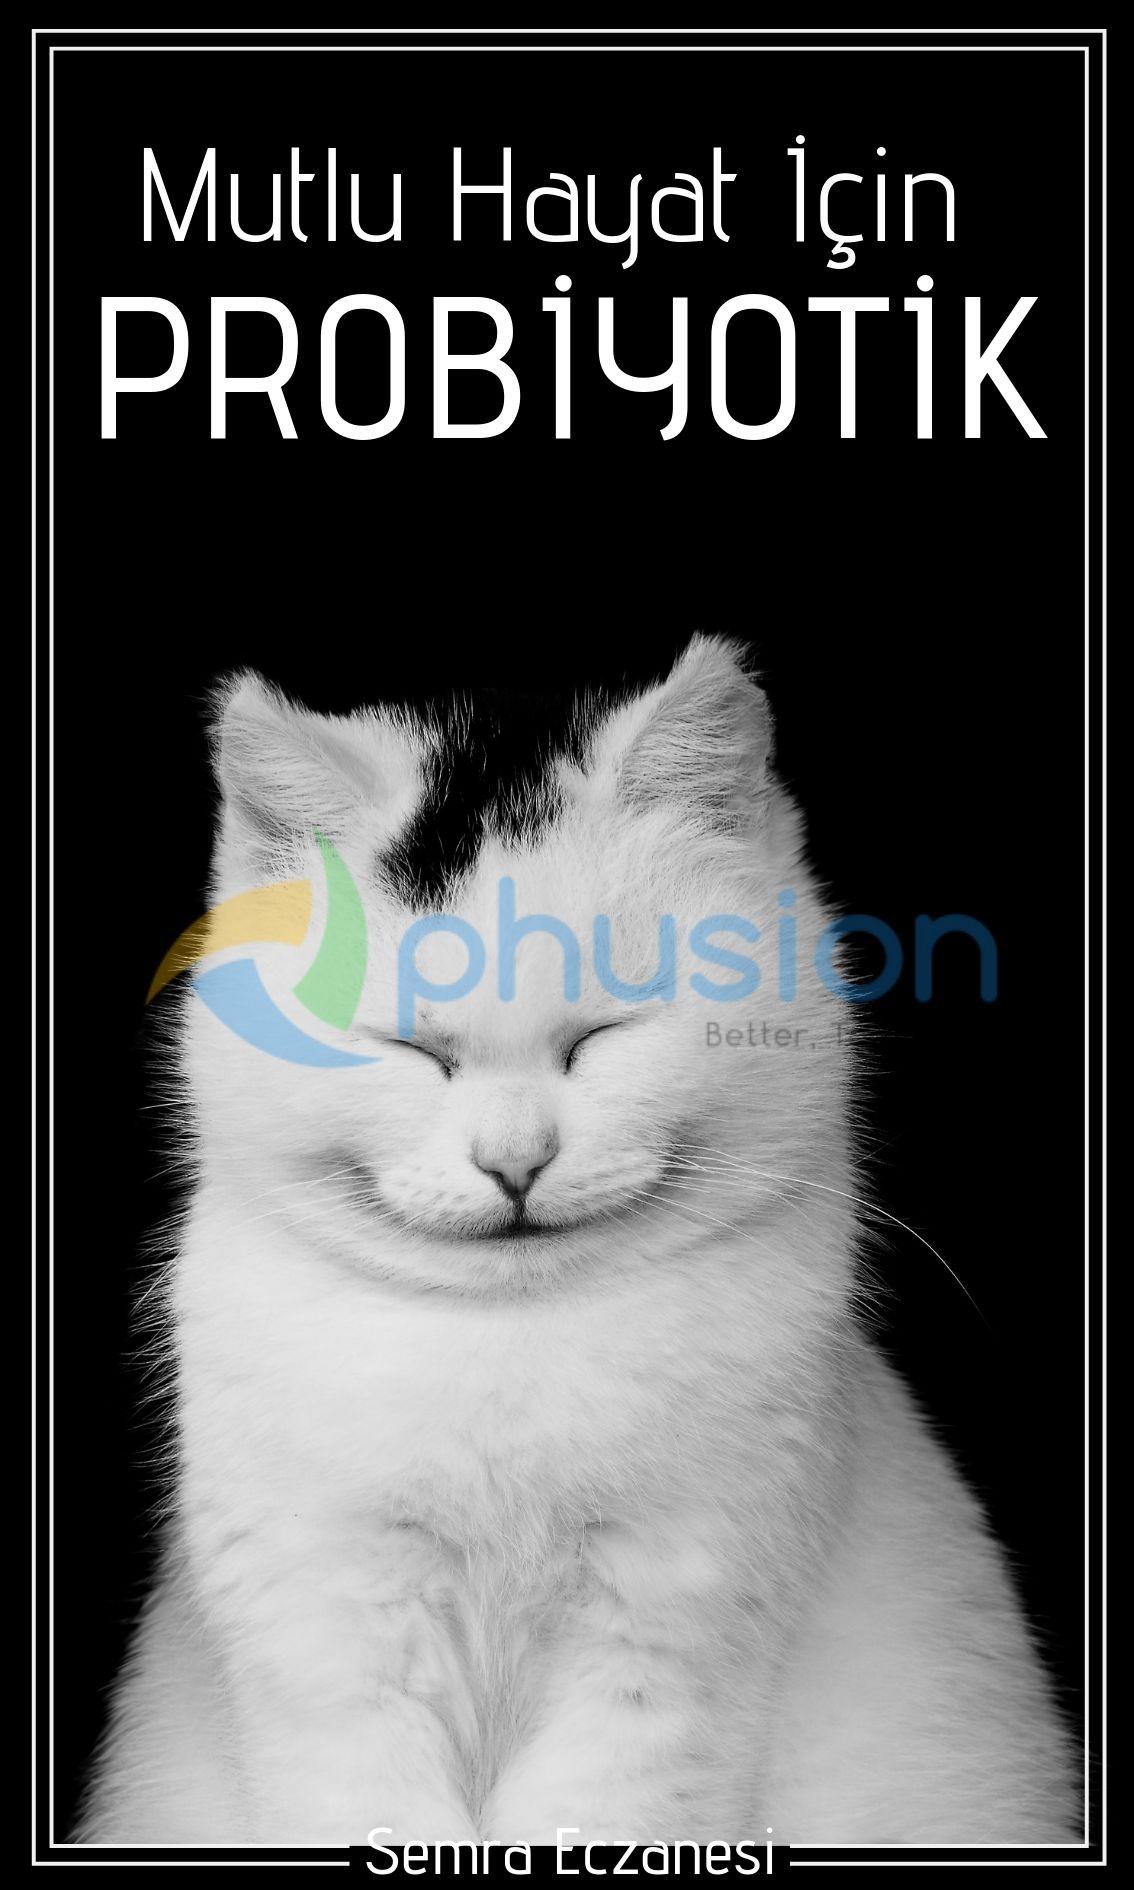 bağırsak sağlığı için probiyotik